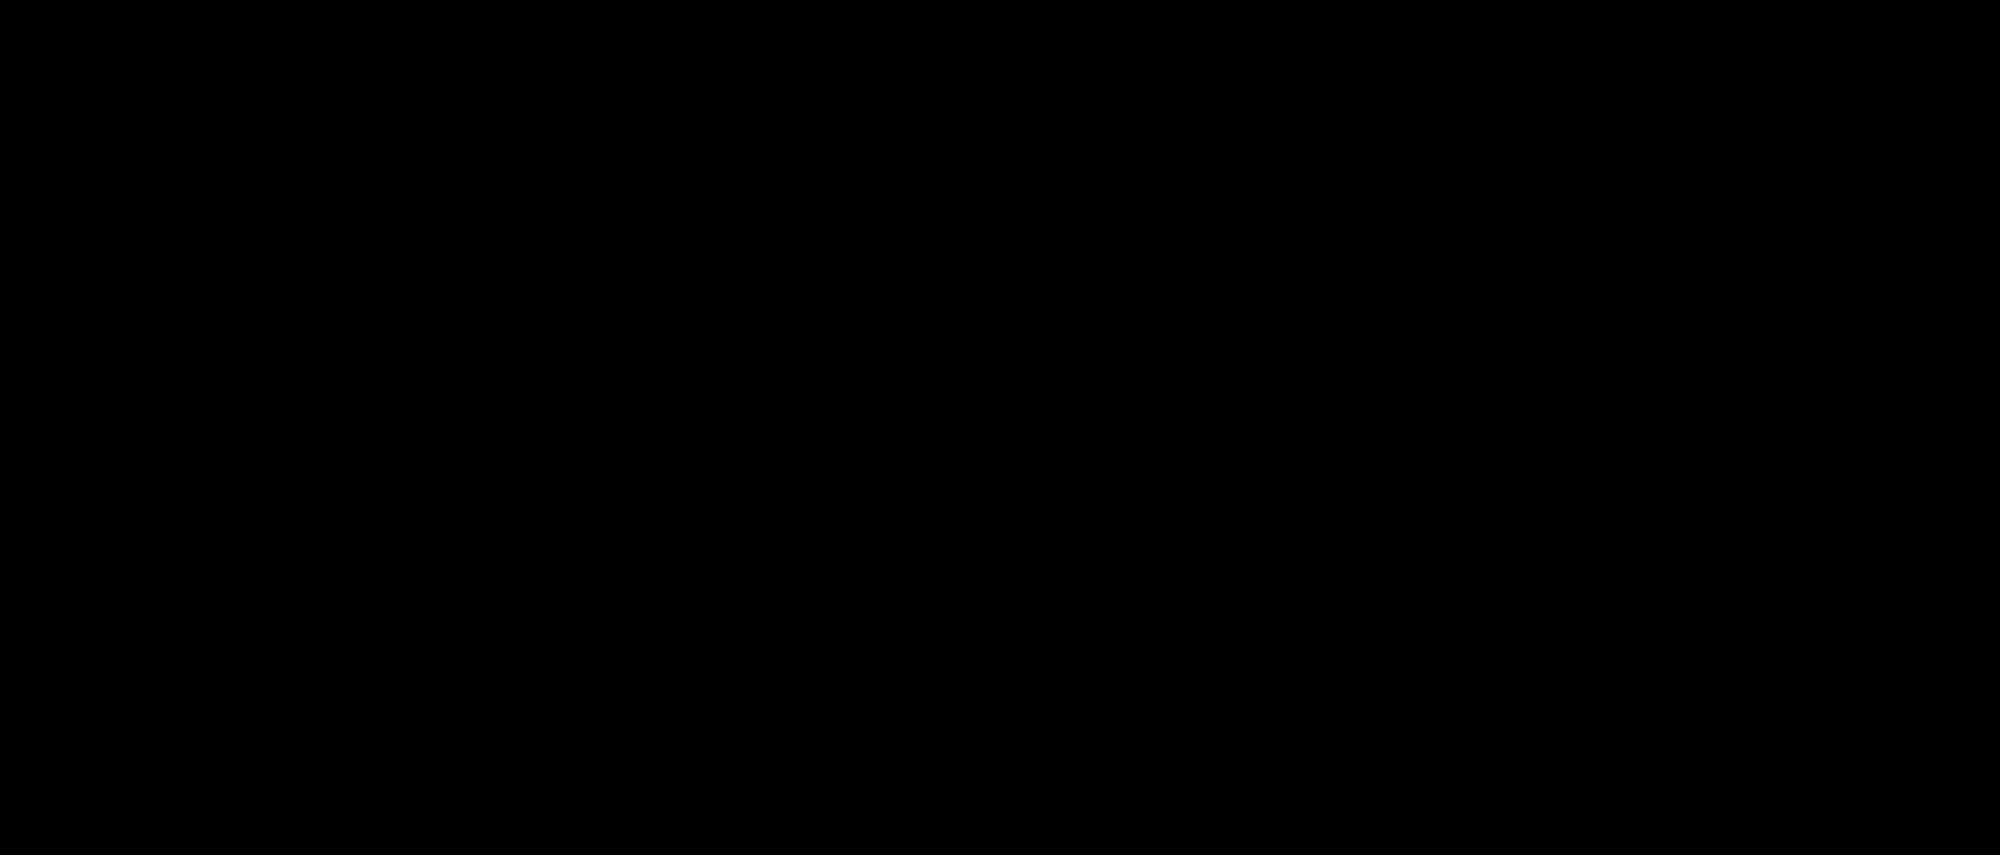 Giz A Break!-logo-black.png